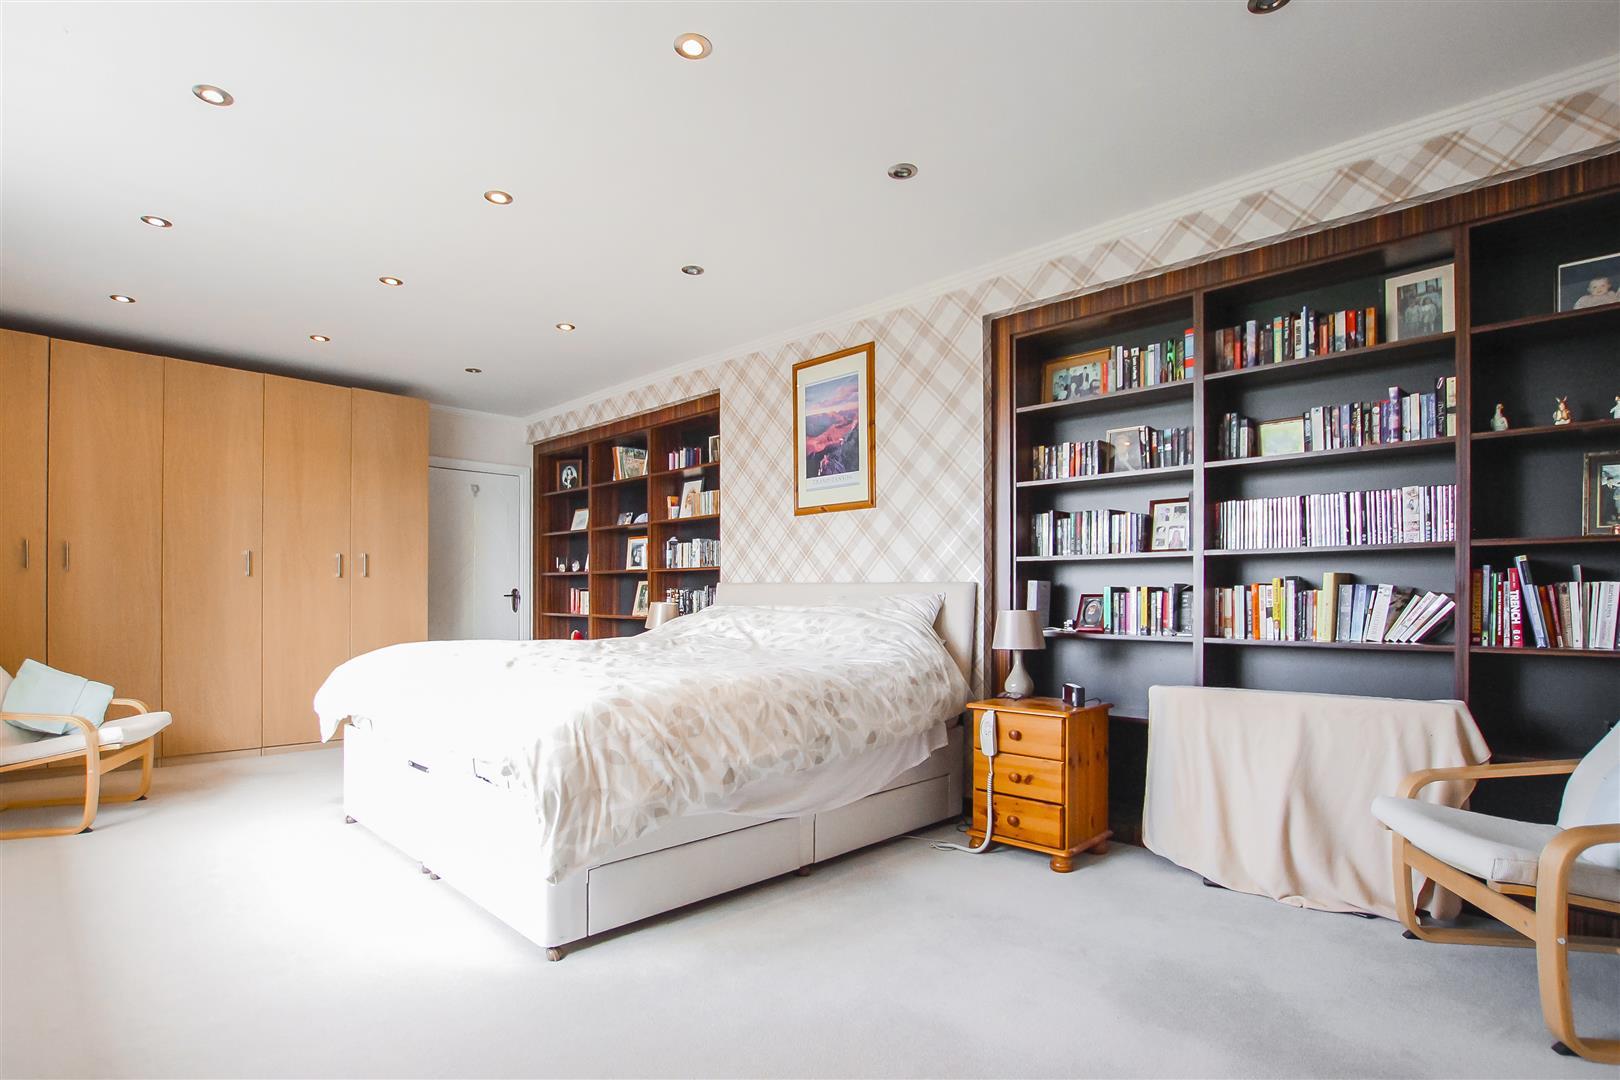 6 Bedroom Detached House For Sale - Annex Master Bedroom